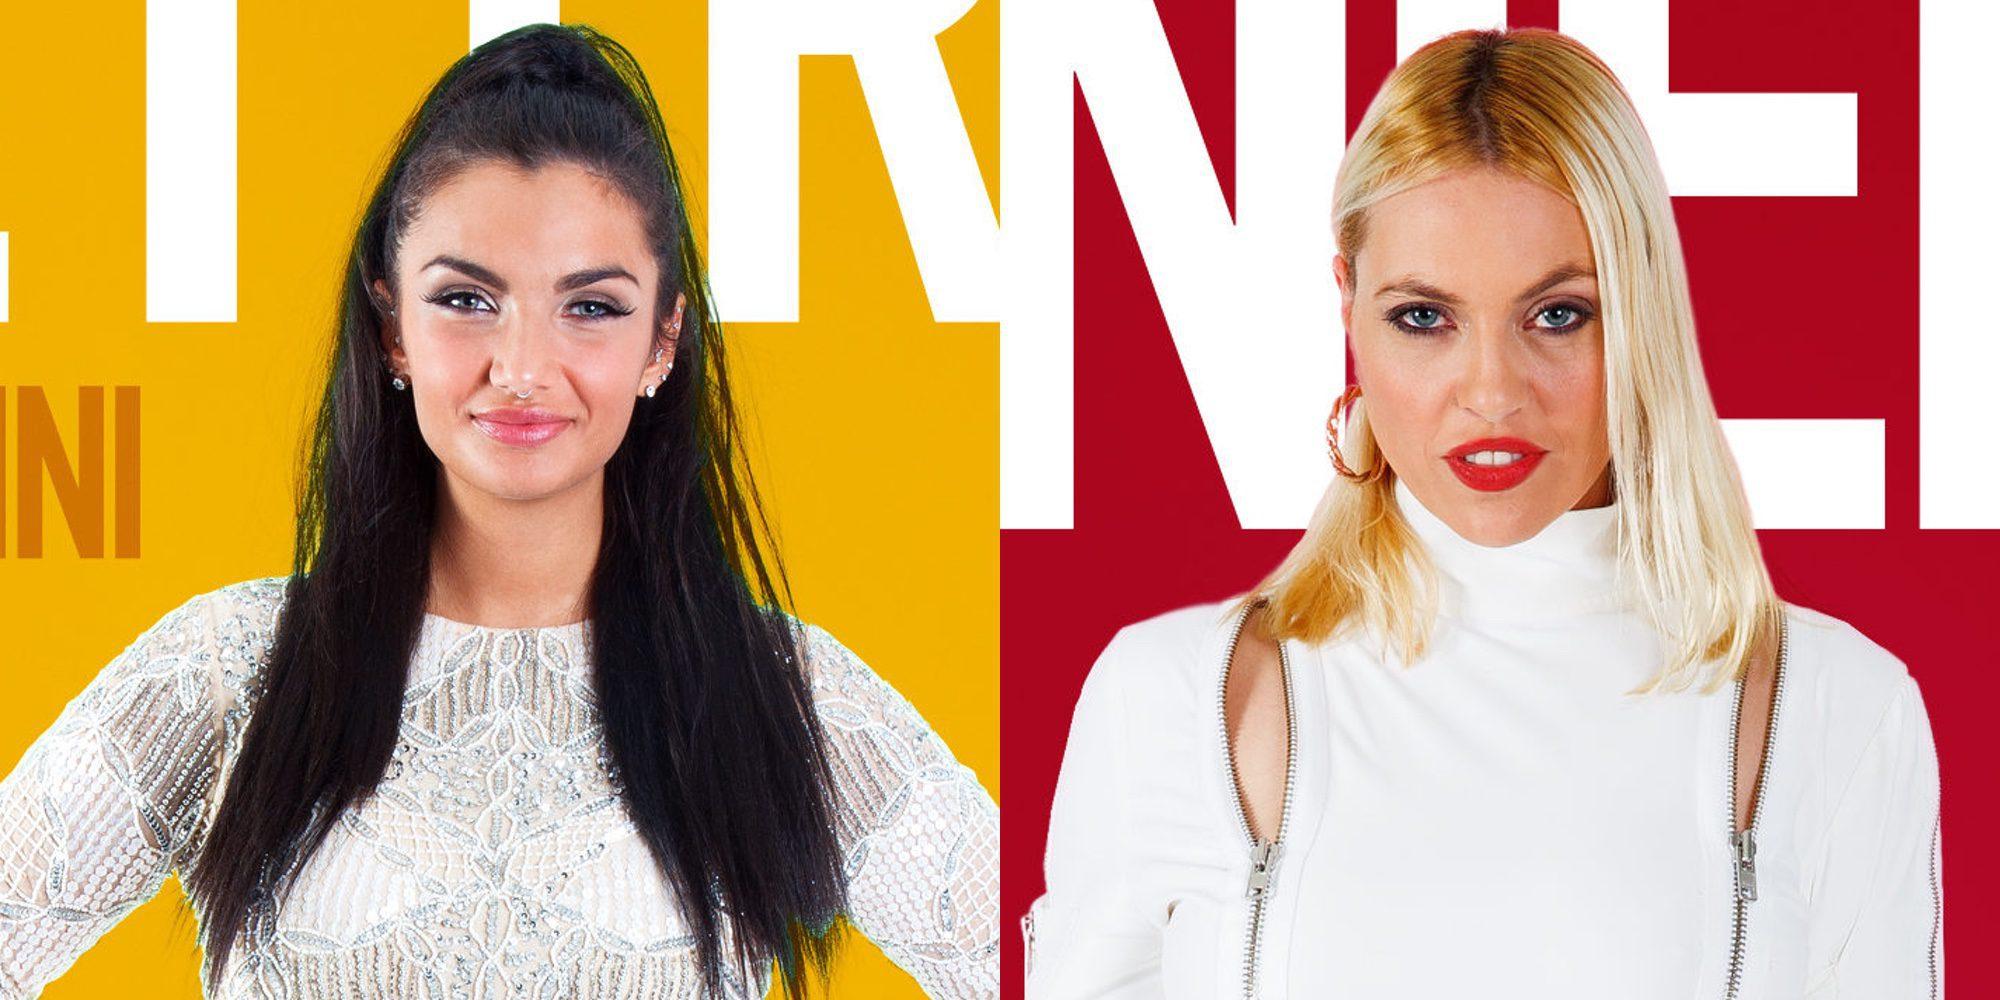 ¡Bombazo!: Daniela Blume y Elettra Lamborghini se dan un besazo en directo